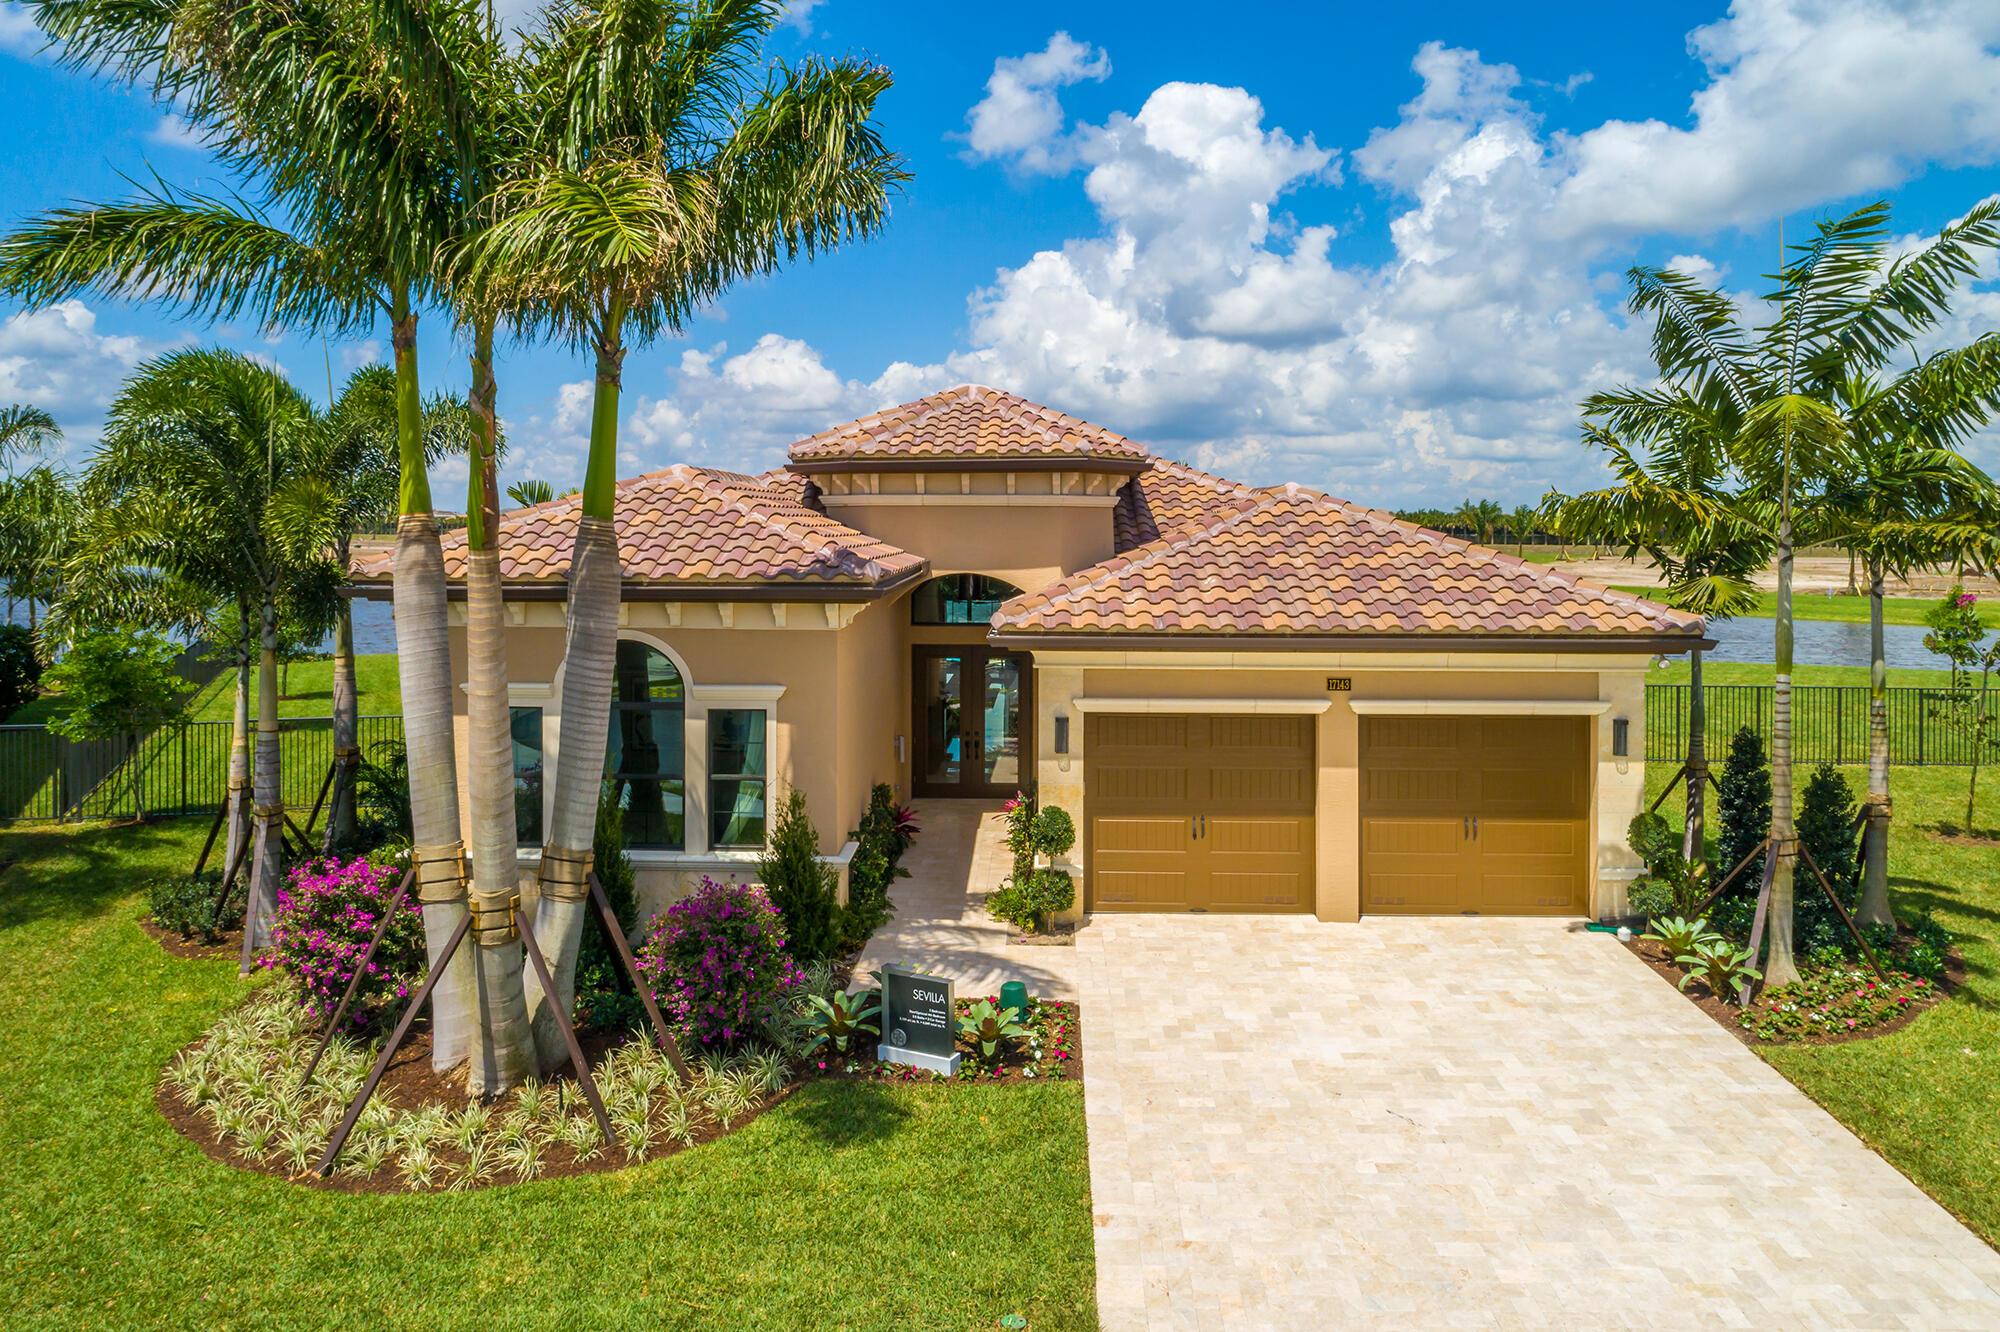 17143 Ludovica Lane Boca Raton, FL 33496